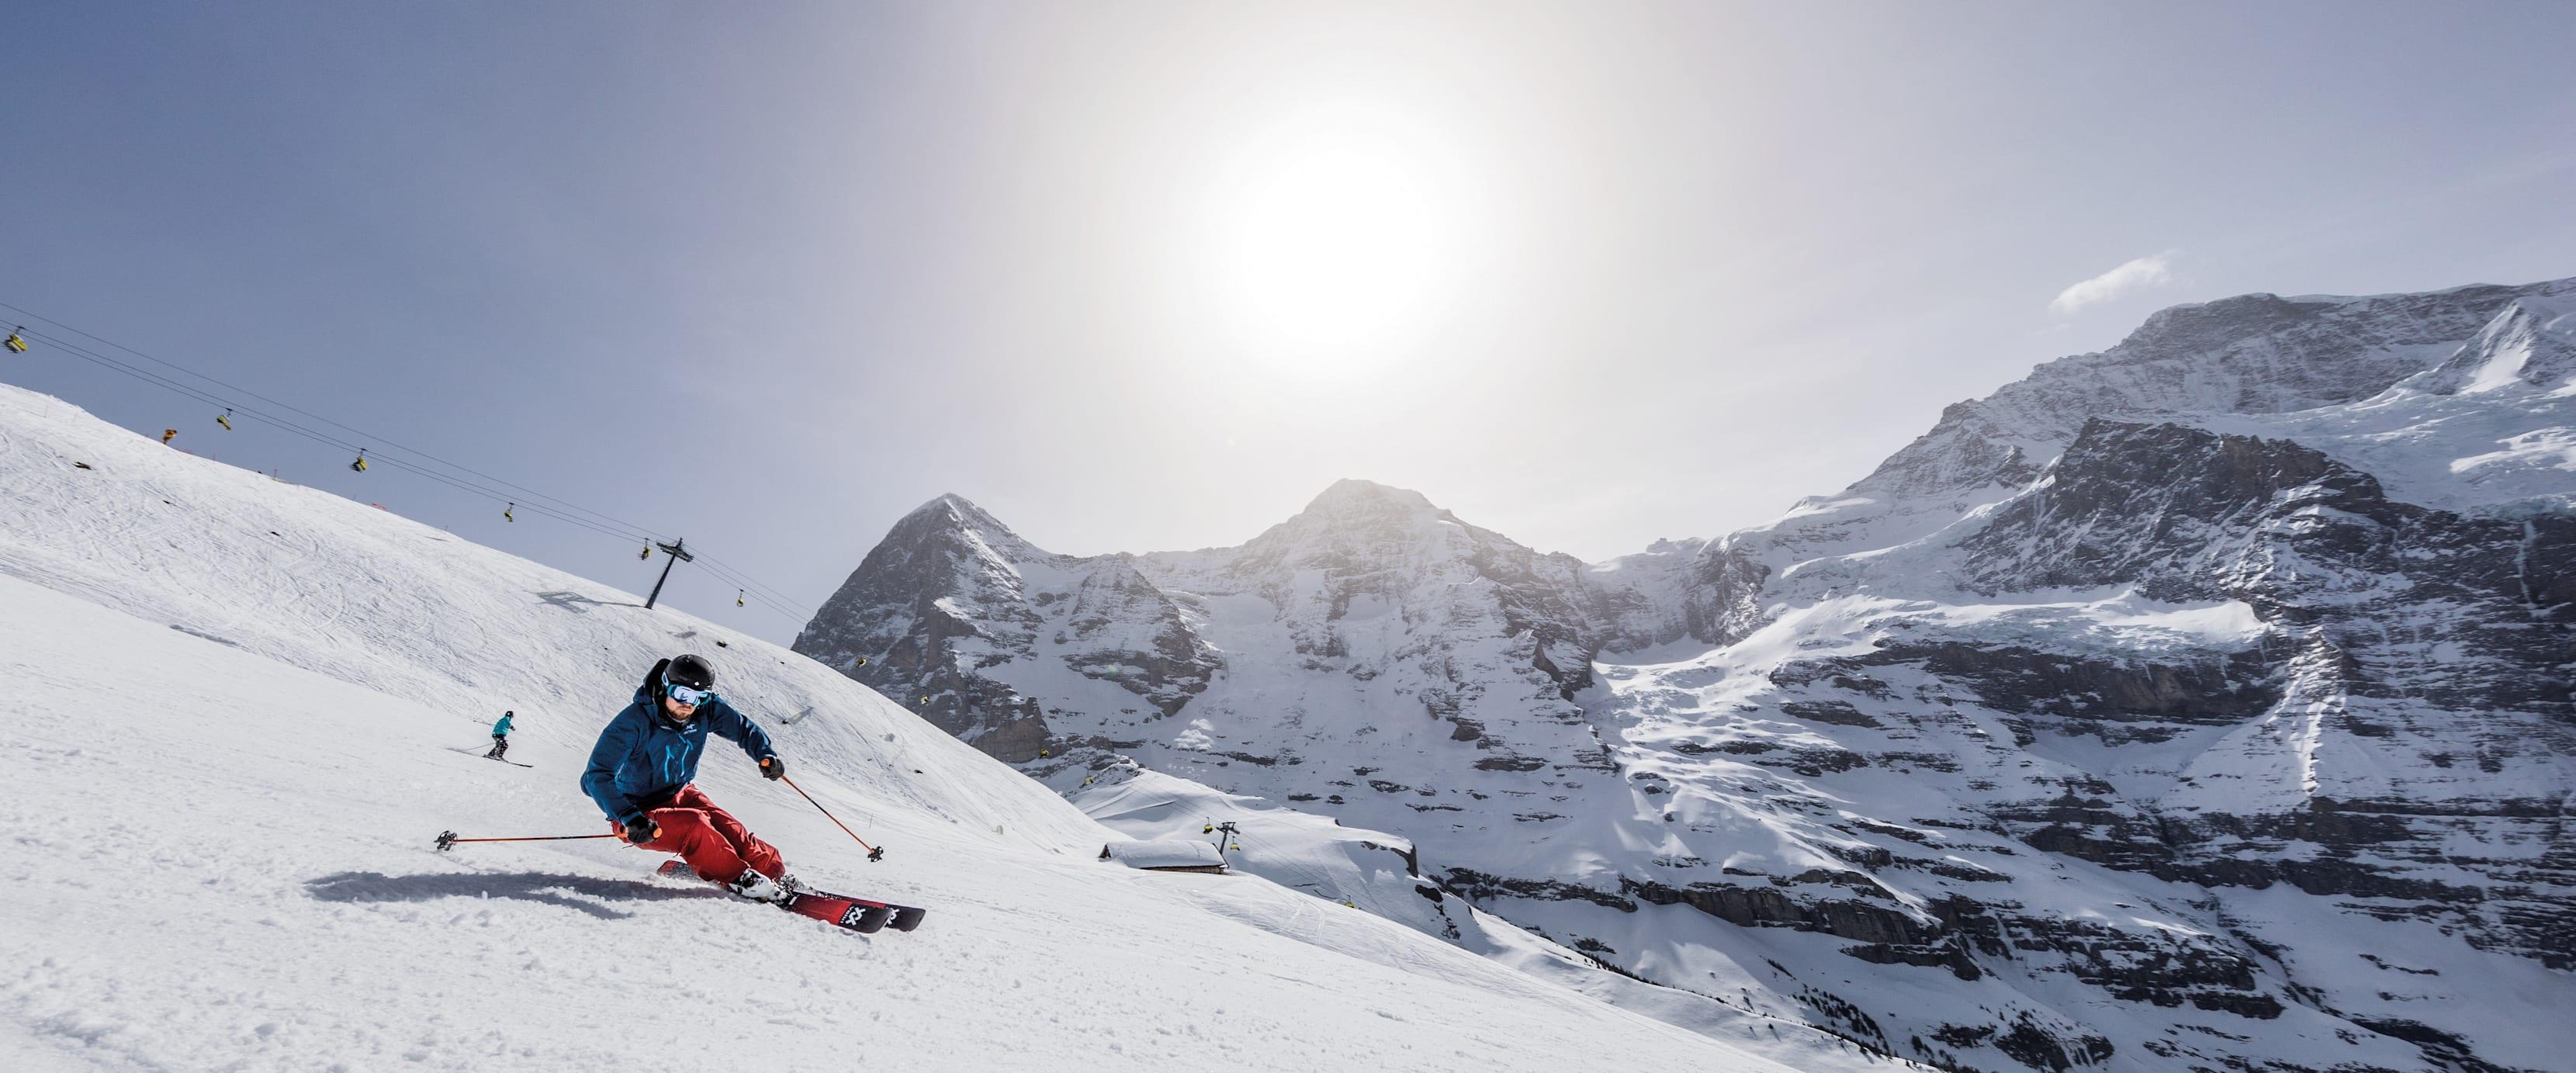 Kleine Scheidegg Lauberhorn Skifahrer Eiger Moench Jungfrau